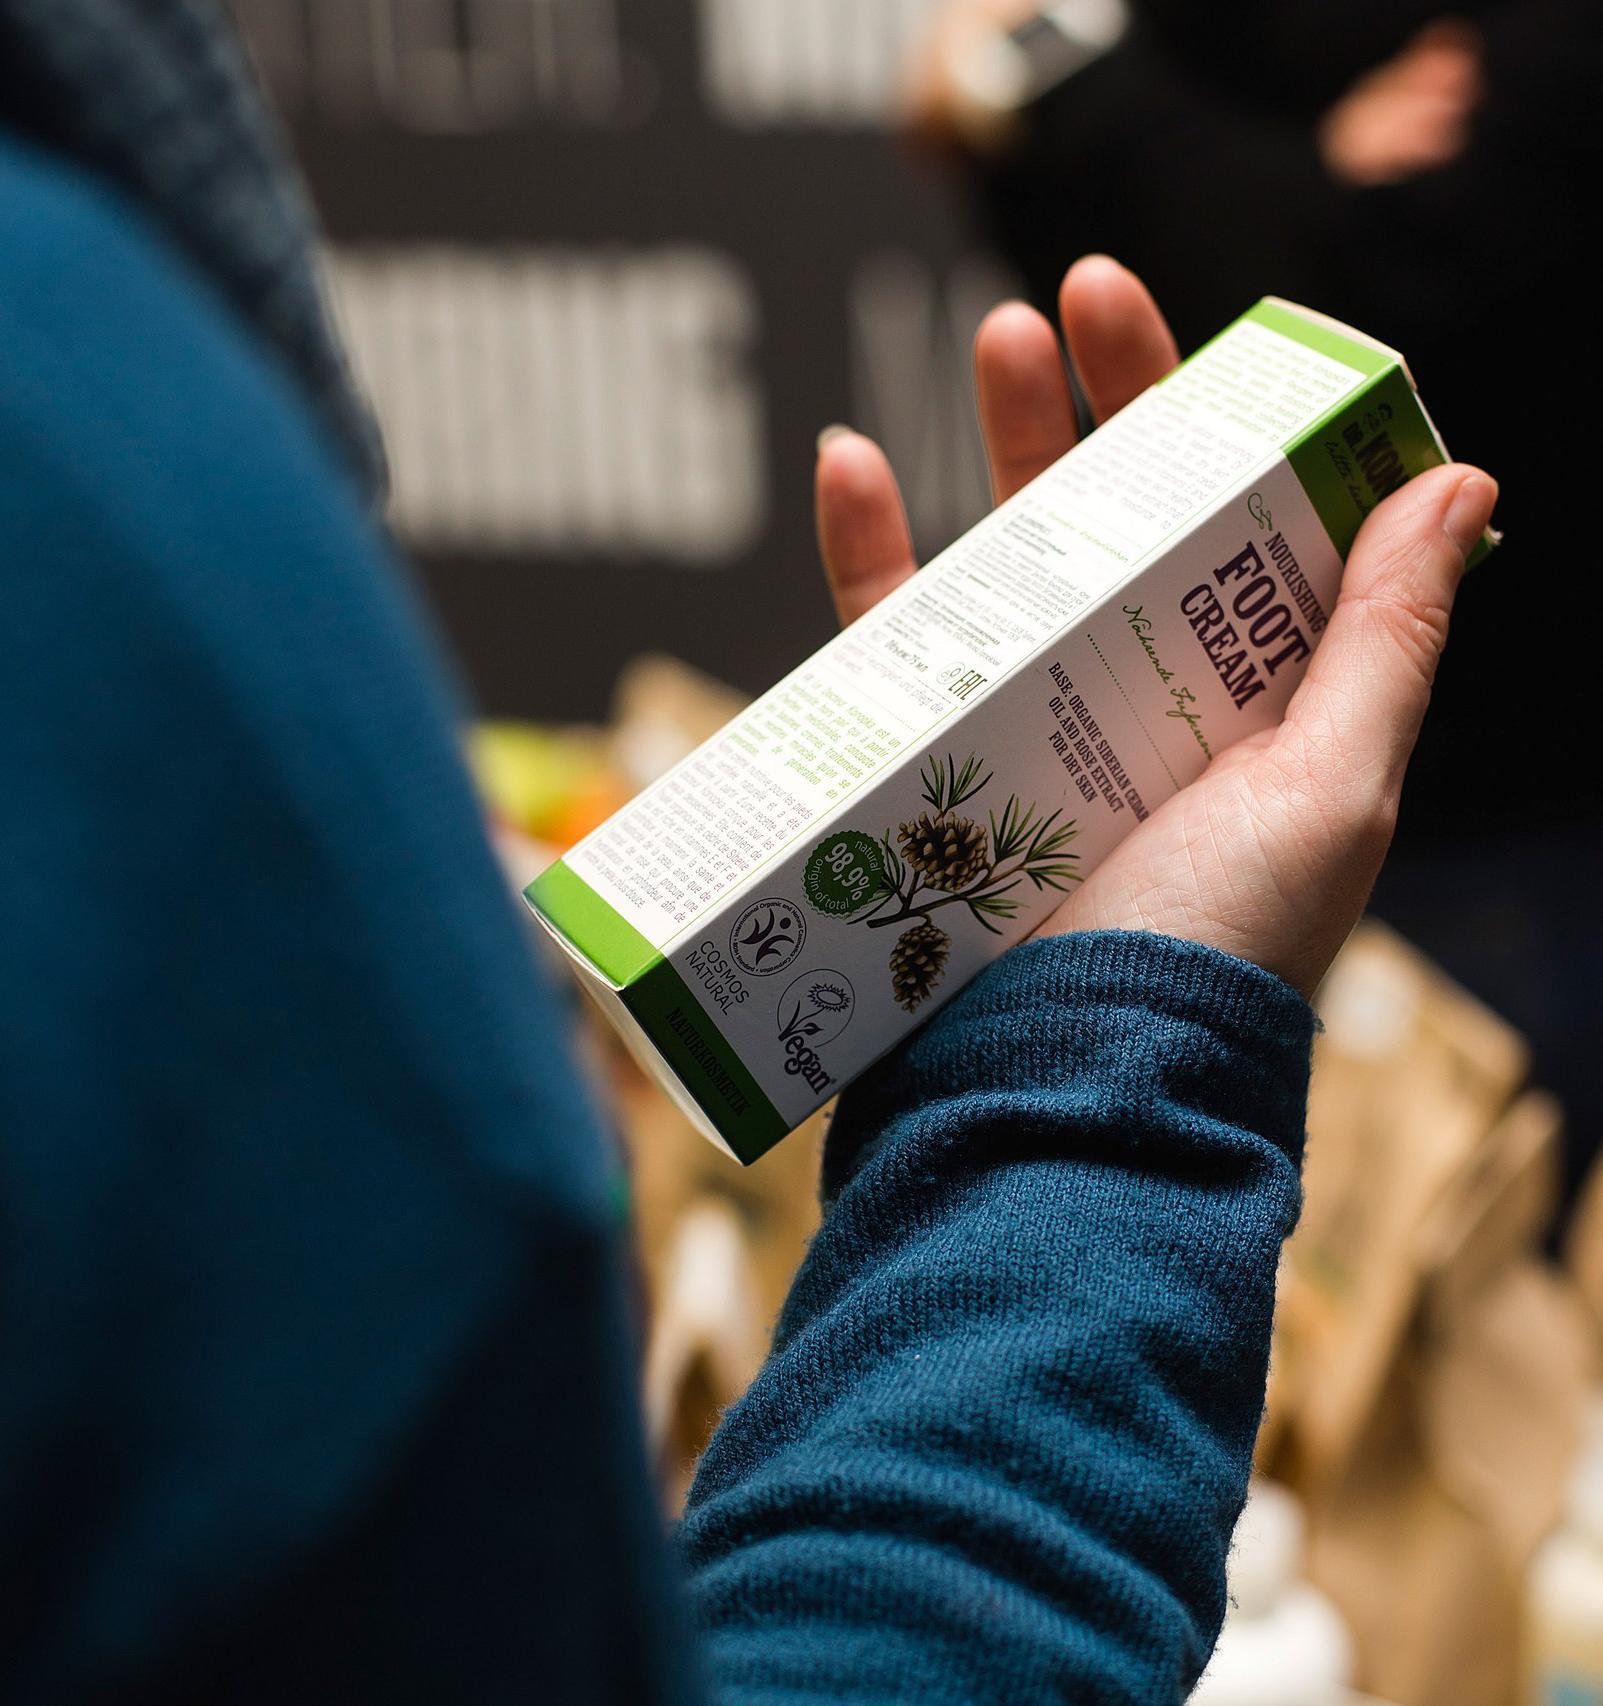 «Теперь так» и Экологический союз запускают бесплатный курс о маркировках на товарах